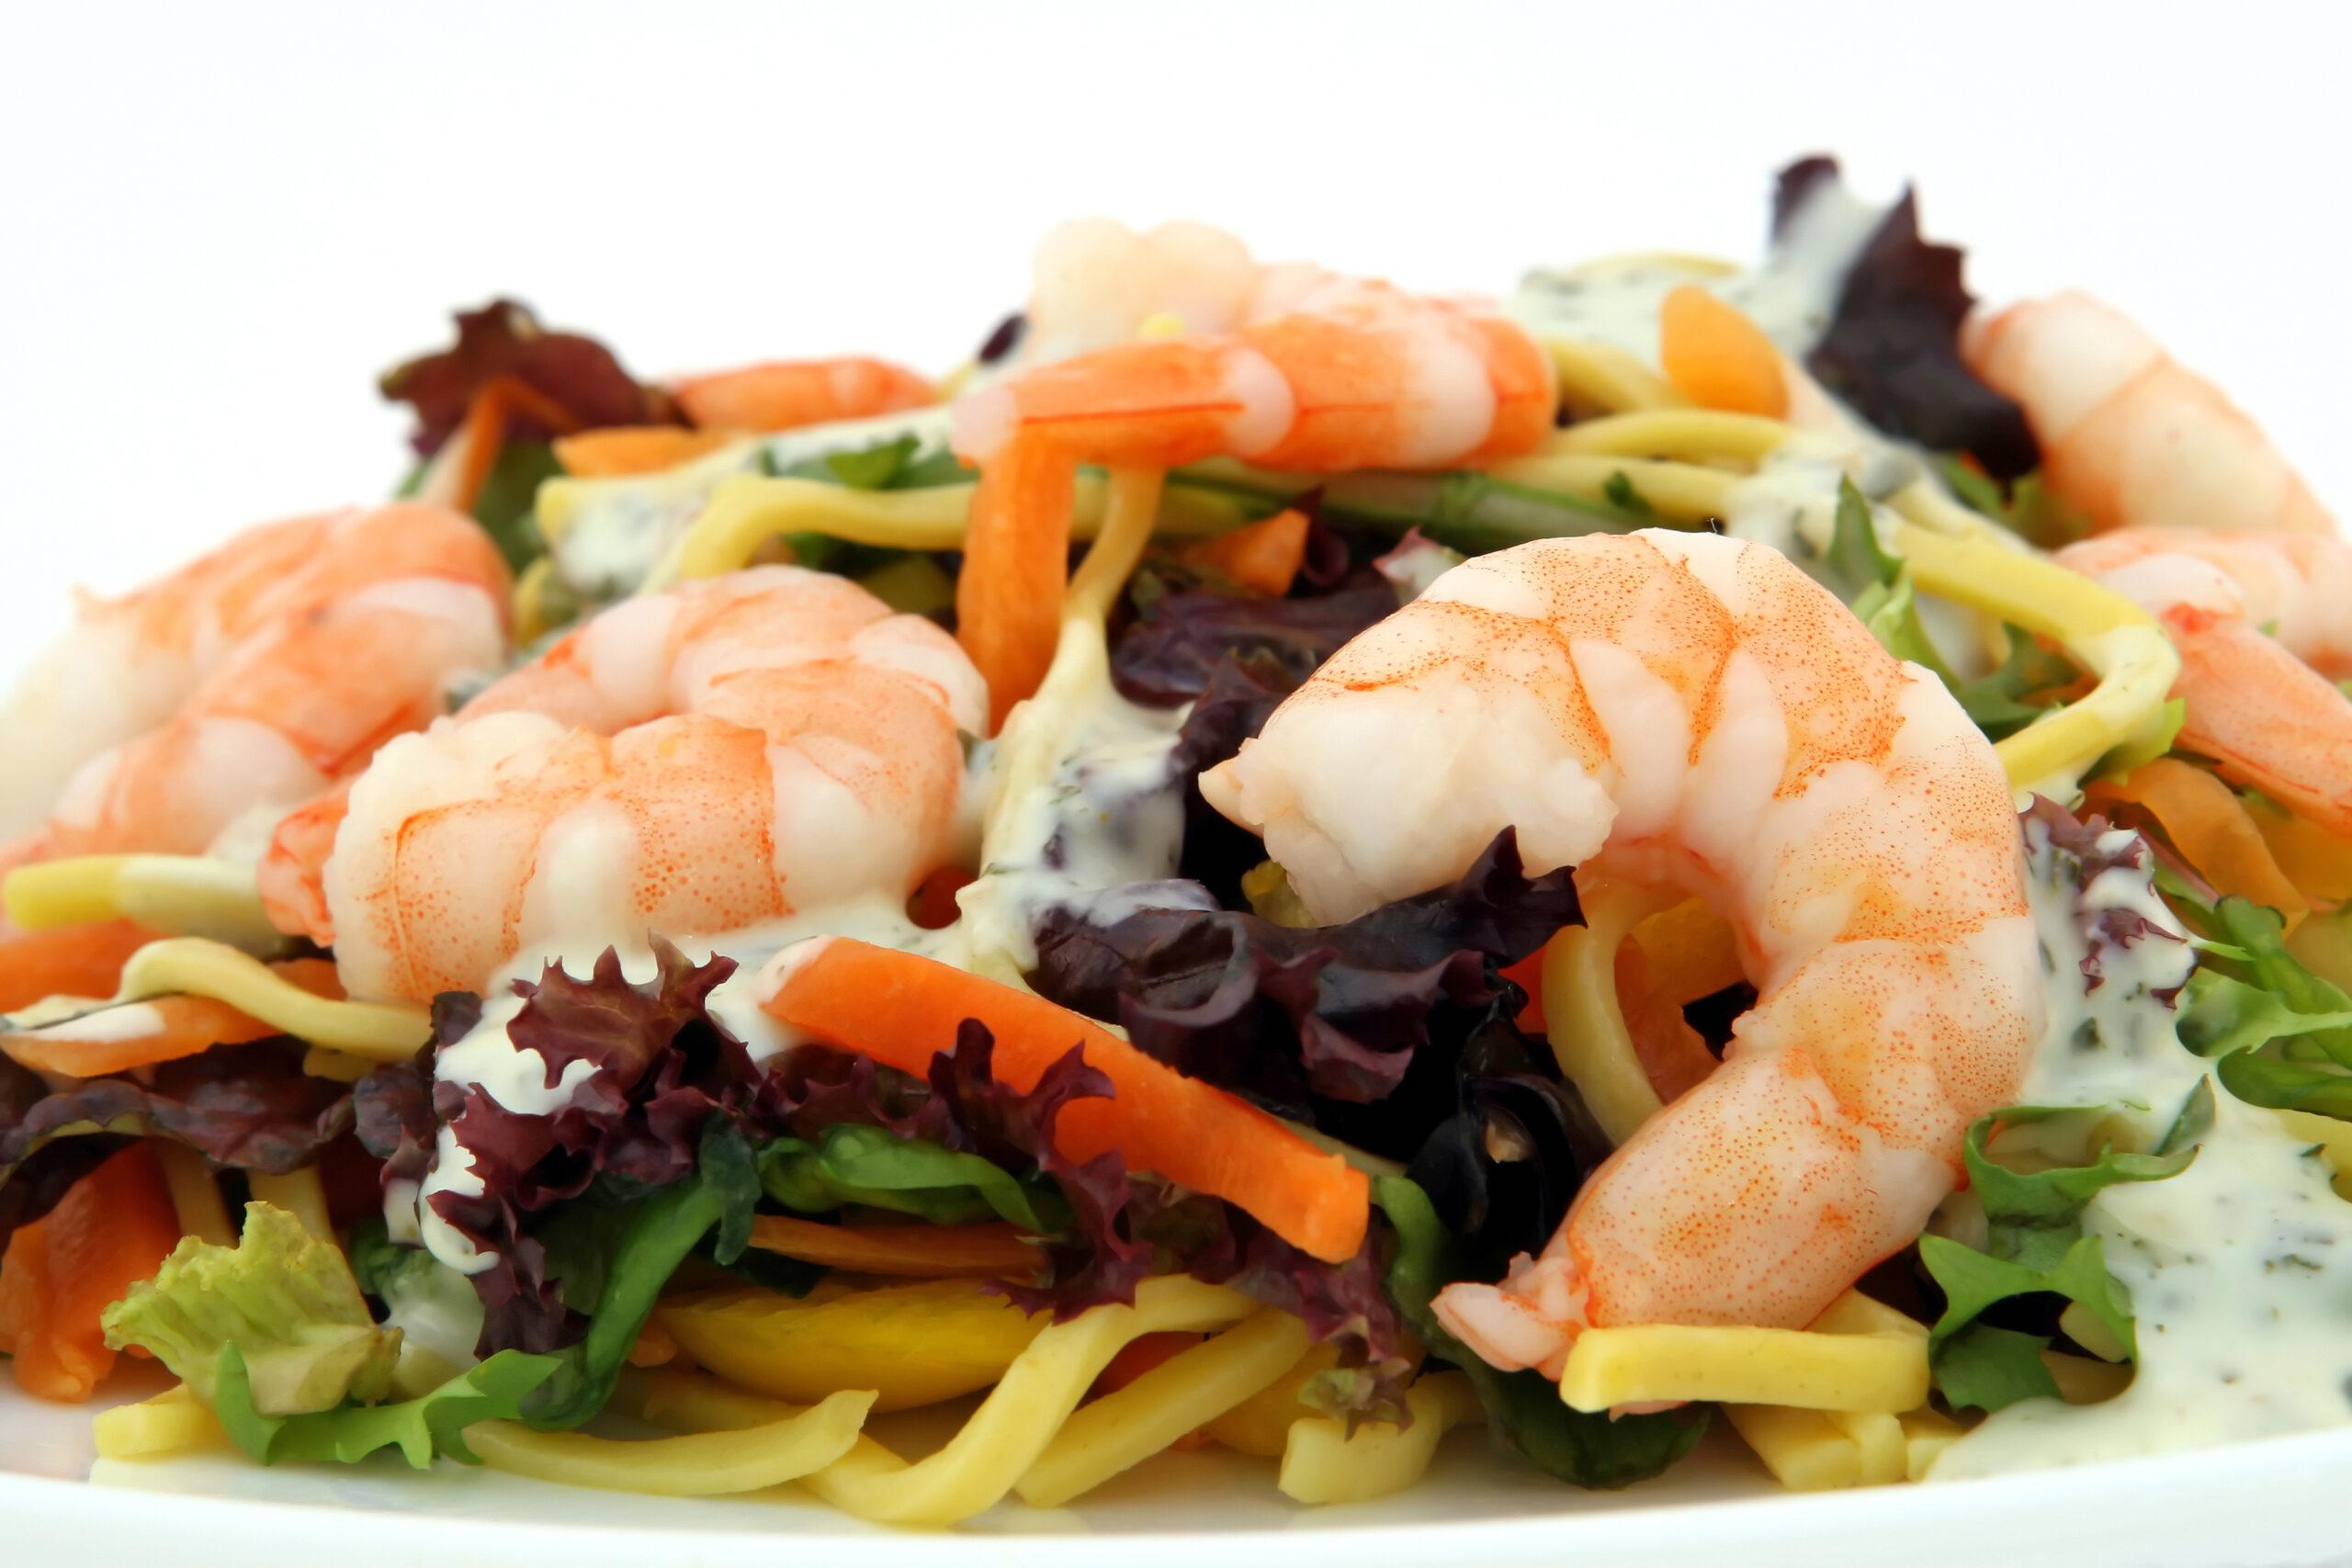 Imagen en color de un plato de comida que contiene proteínas, verduras e hidratos de carbono